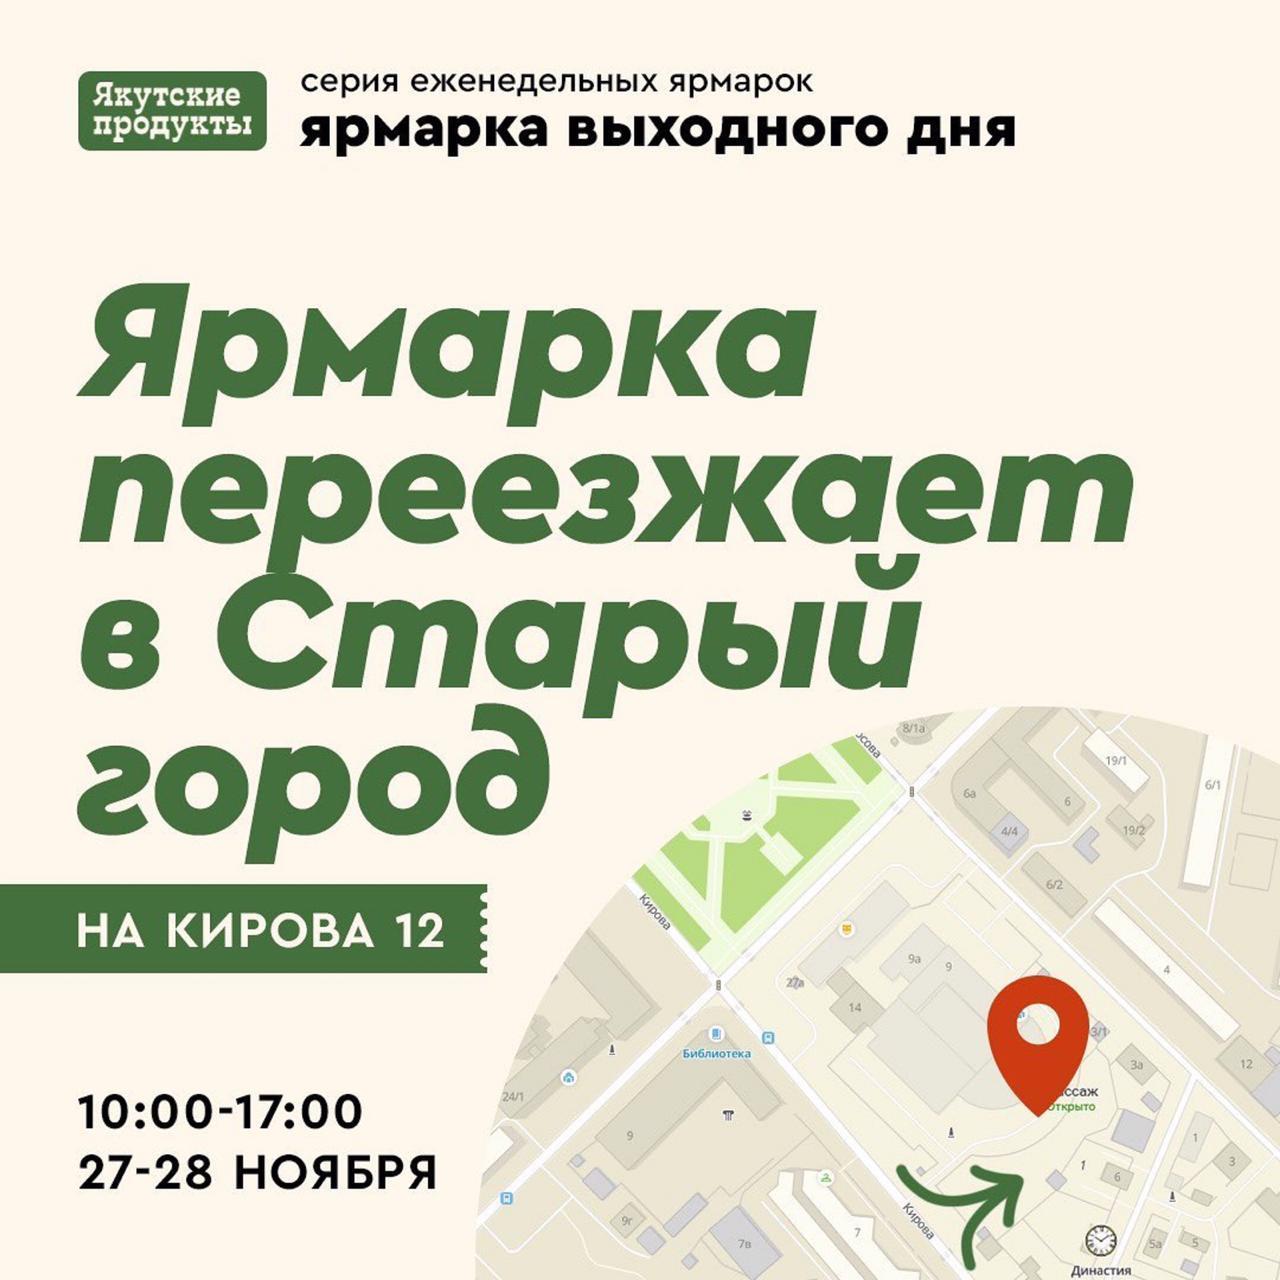 Приходите 28-29 ноября на Ярмарку выходного дня «ИДЭhЭ-2020» на Кирова 12 в Старом городе